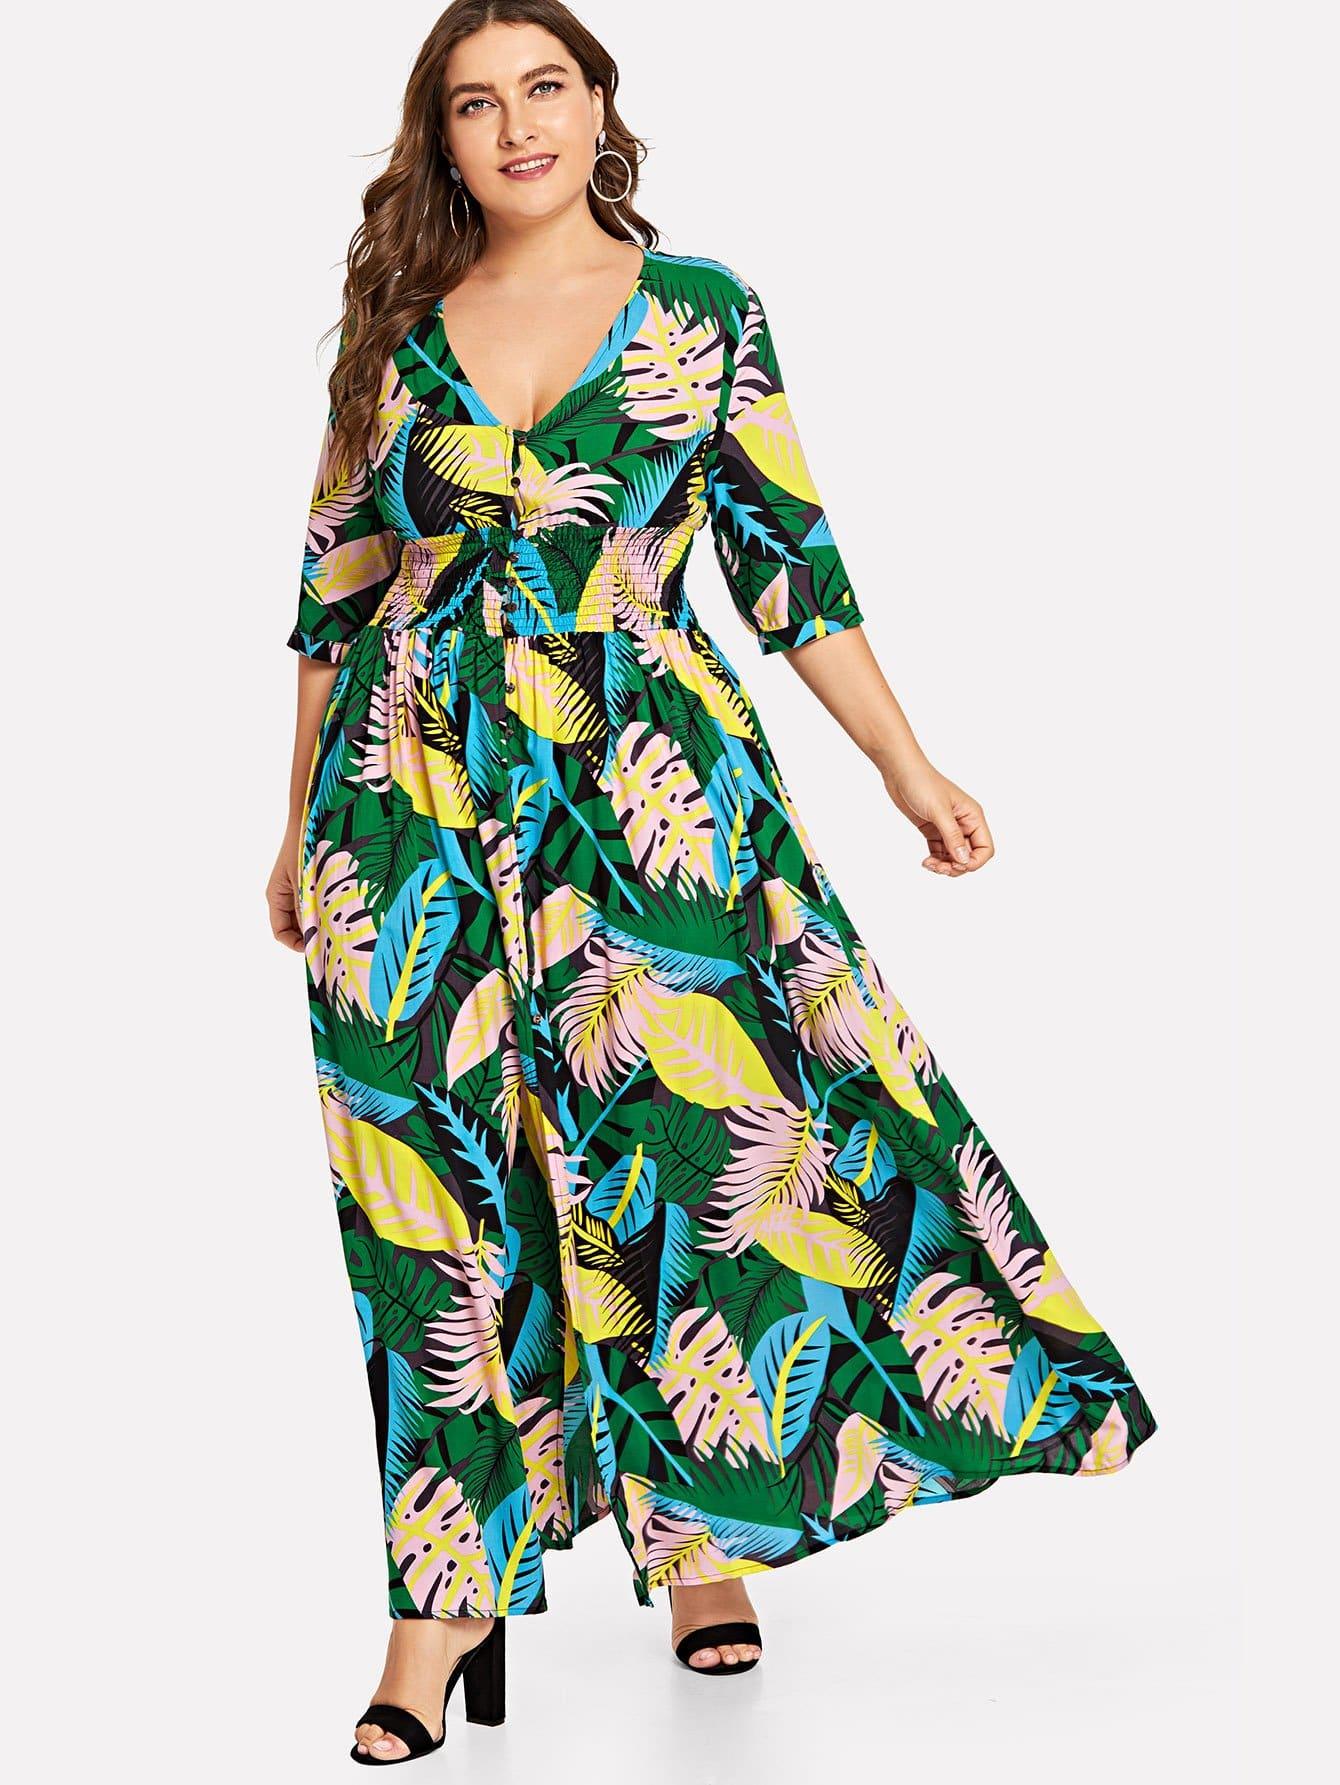 Купить Платье талии из джунглей, Franziska, SheIn